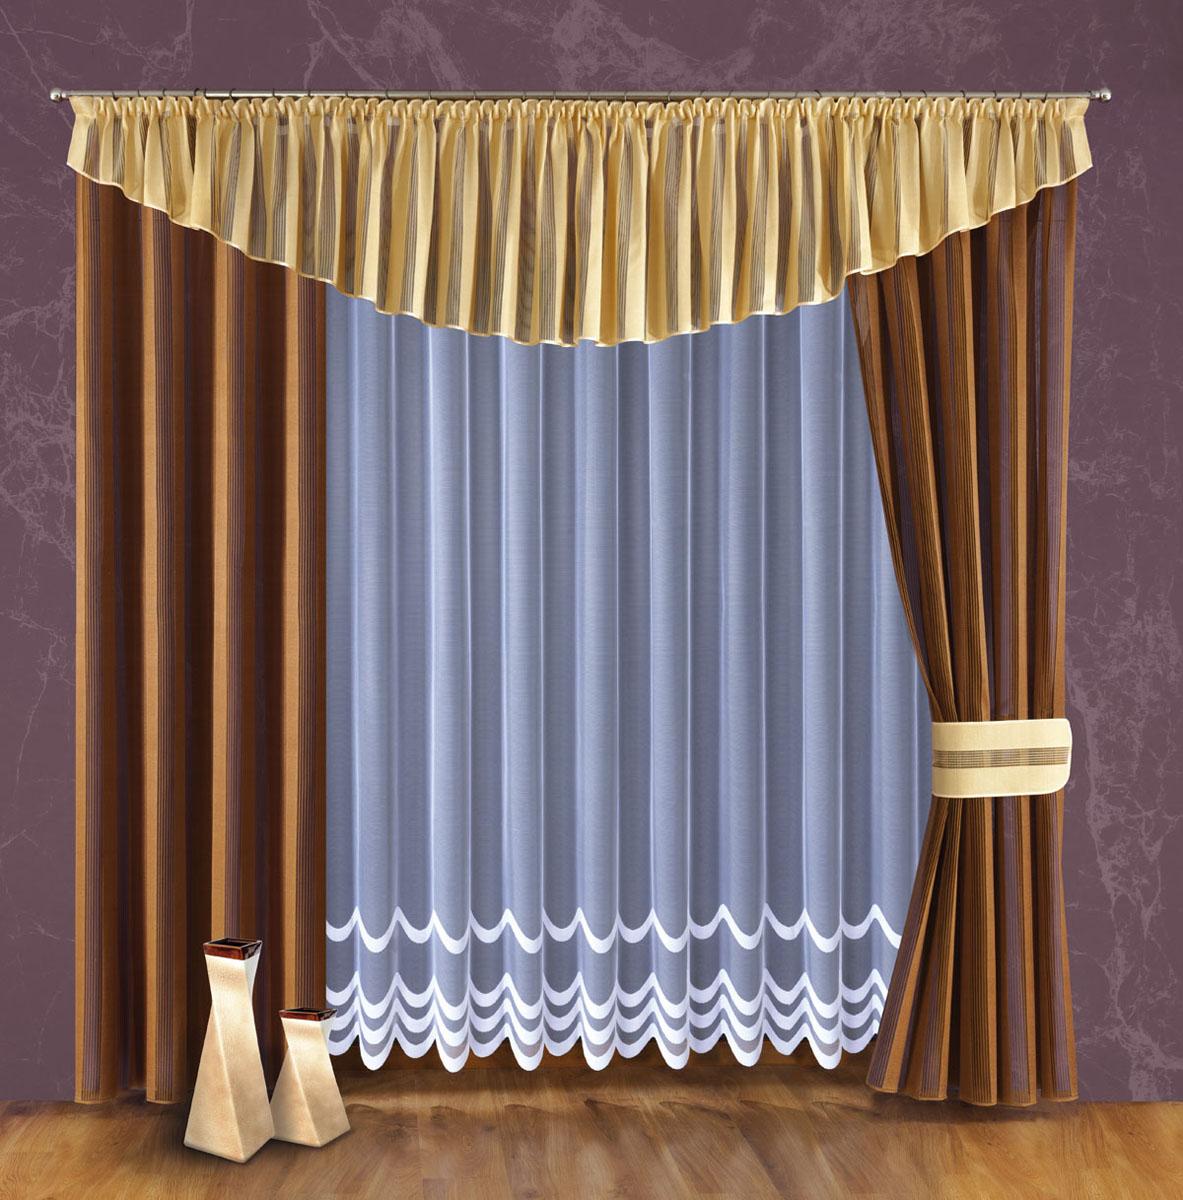 Комплект штор Wisan, цвет: коричневый, бежевый, высота 240 см. 094W комплект штор wisan цвет бежевый высота 250 см 550w